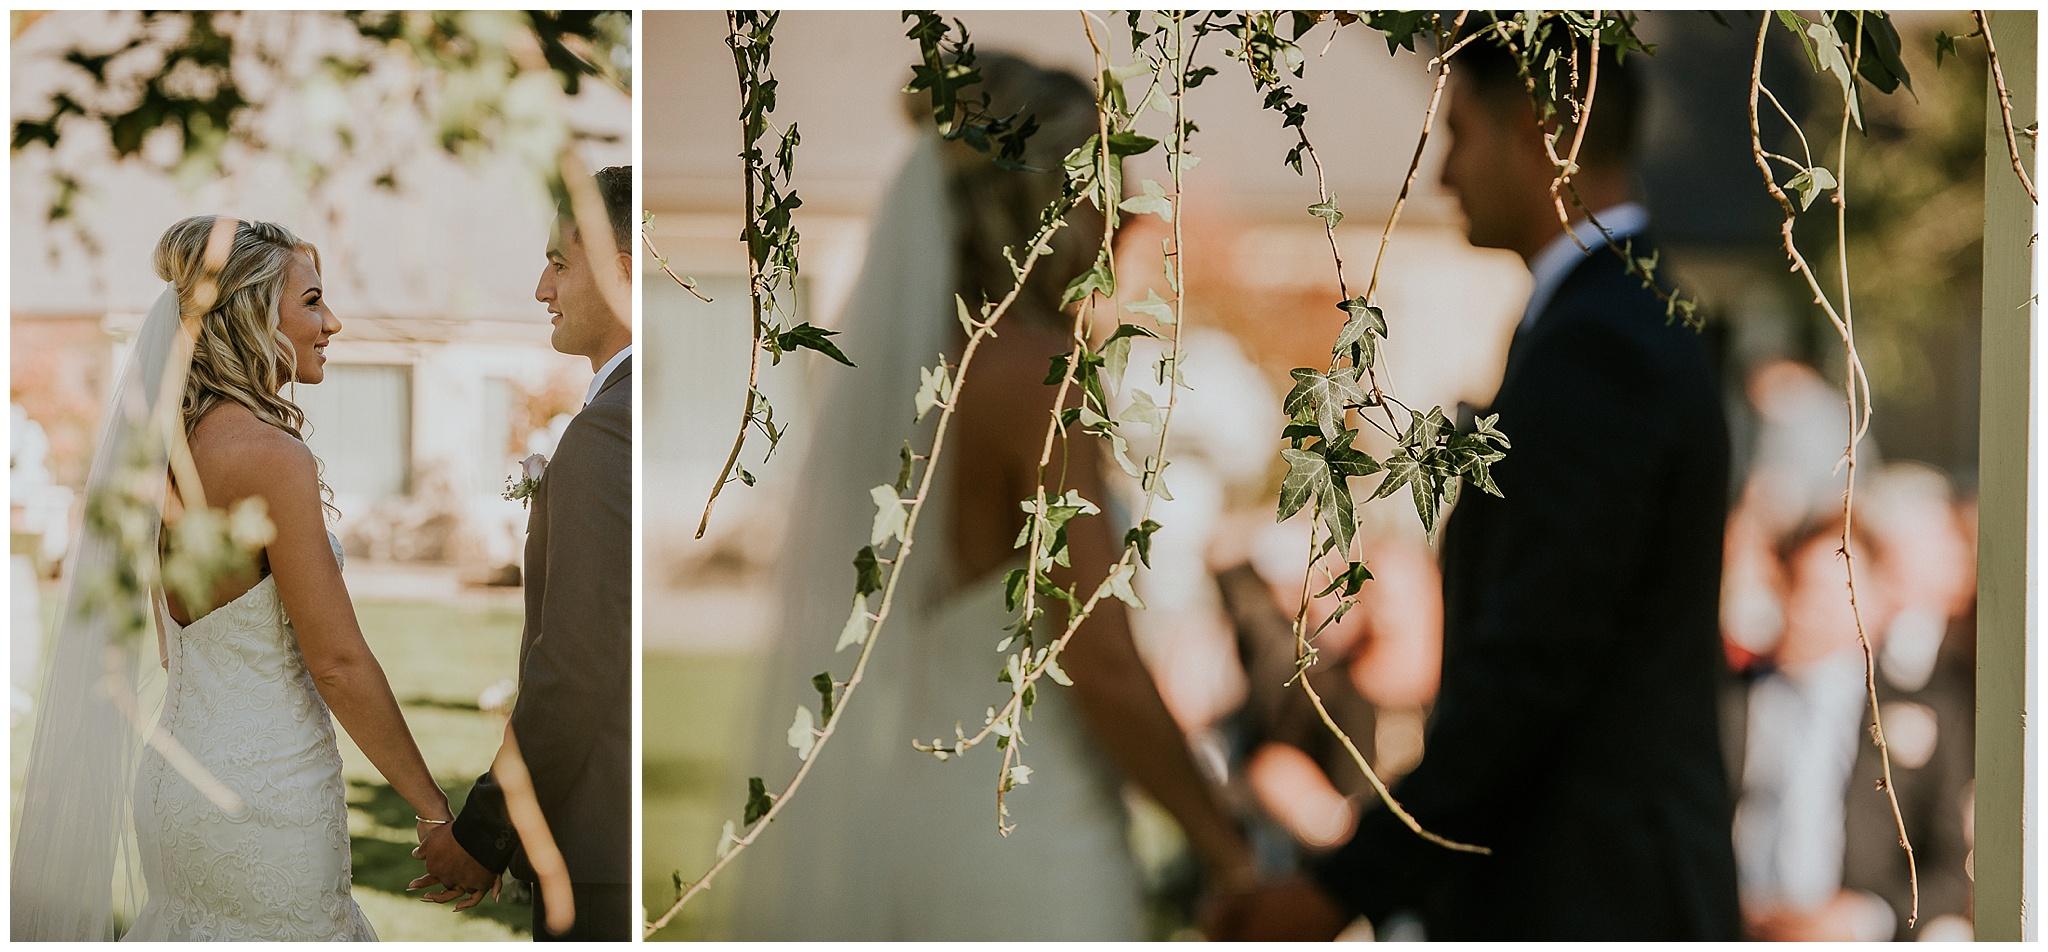 chad-jakalah-christchurch-garden-summer-elegant-auckland-wedding-photographer_0028.jpg